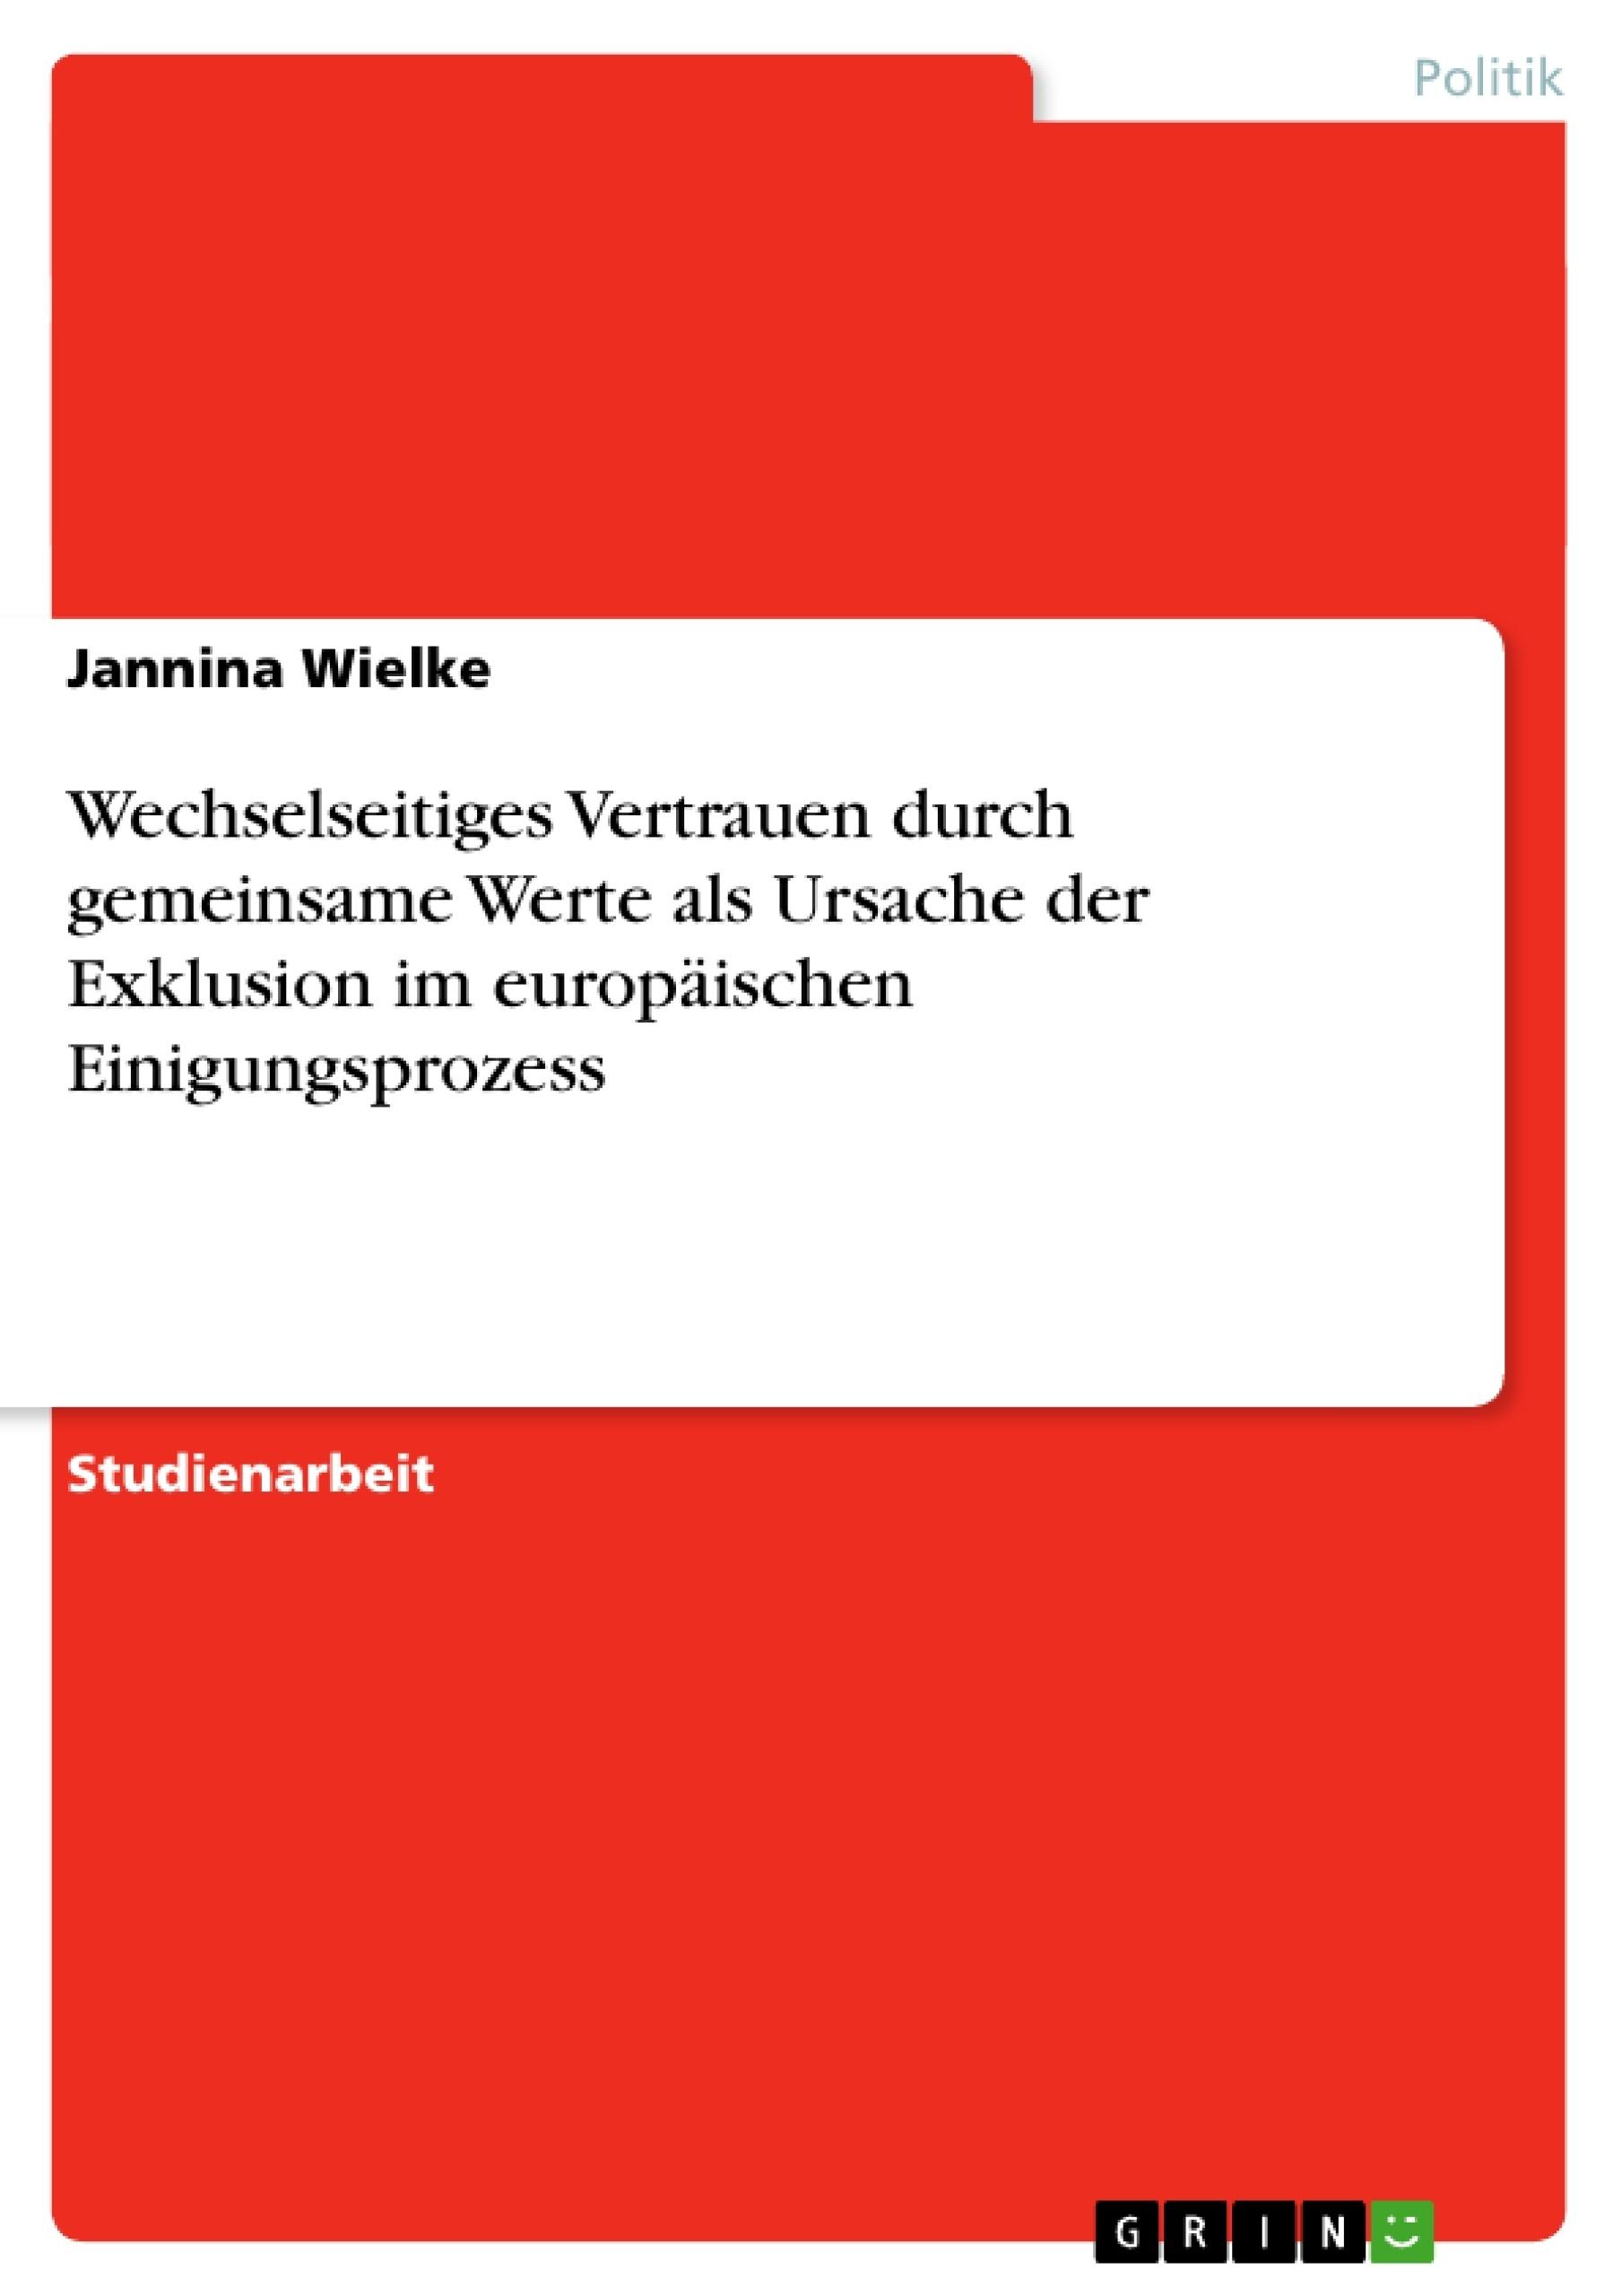 Revue Suisse de sociologie/ Schweizerische Zeitschrift für Soziologie